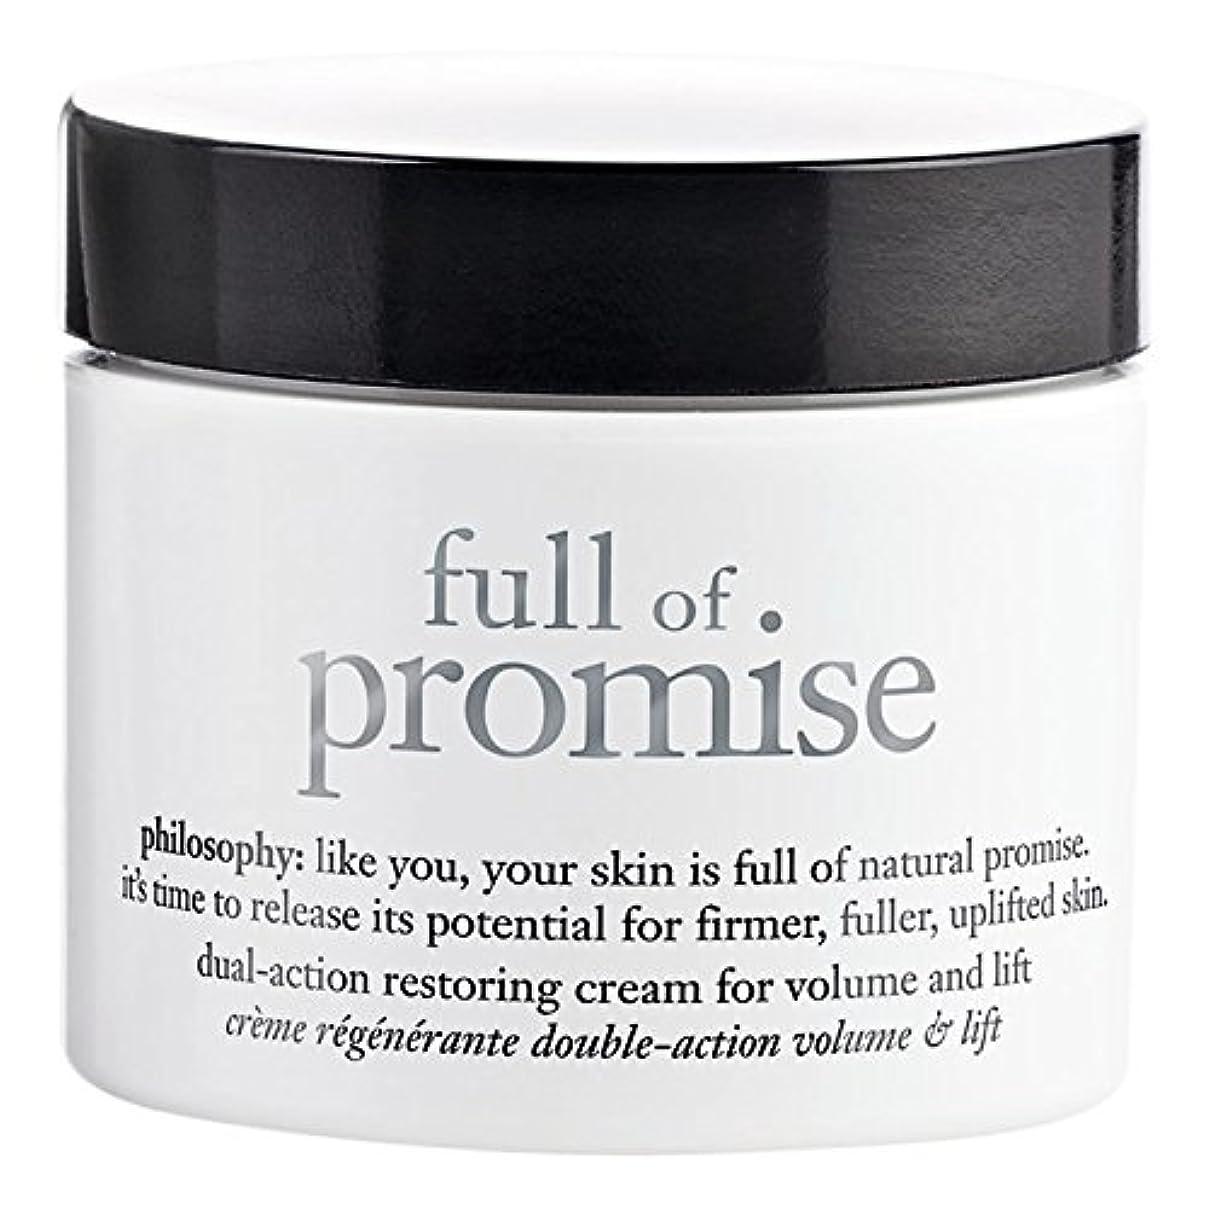 防水スーパー無クリームを復元するデュアルアクション?約束の完全な哲学、60ミリリットル (Philosophy) (x2) - Philosophy Full of Promise? Dual Action Restoring Cream, 60ml (Pack of 2) [並行輸入品]